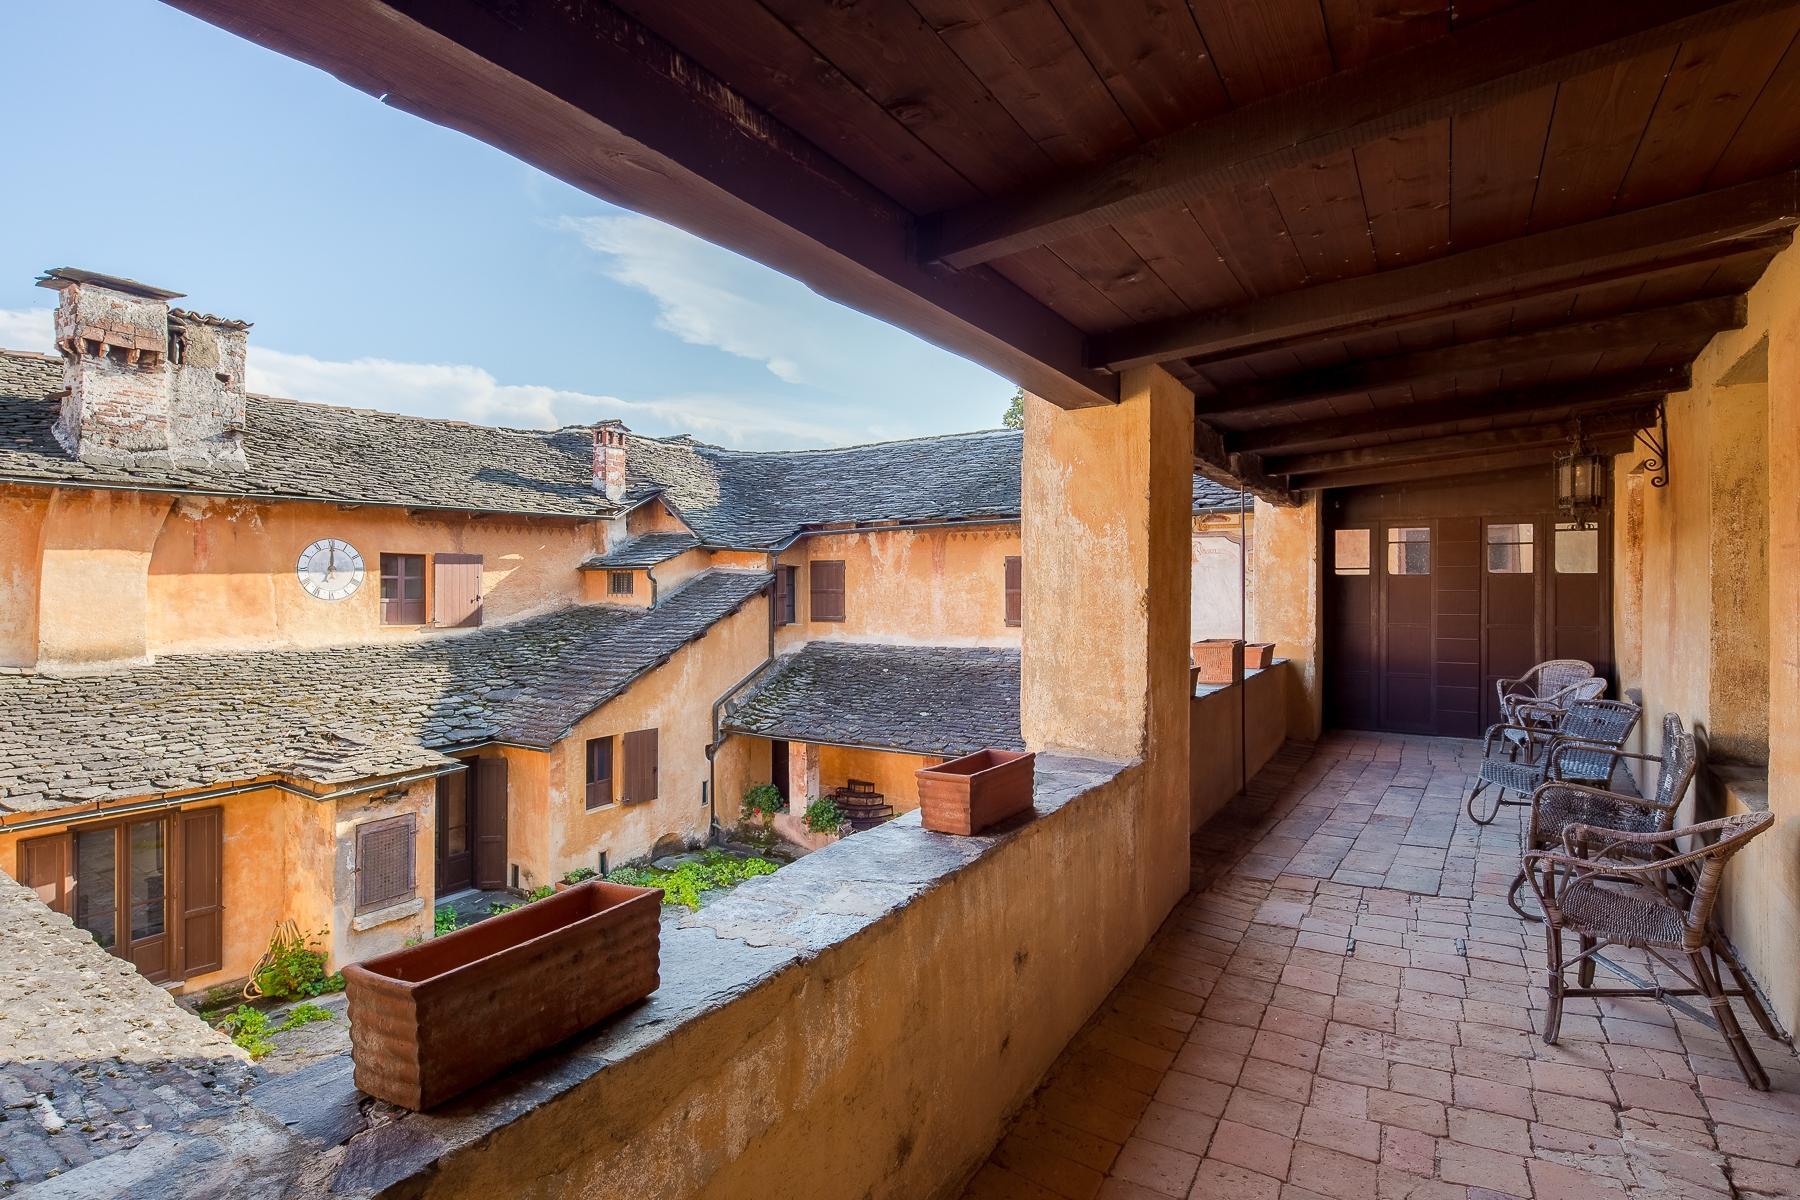 Бывший монастырь и вилла 19 века на Сакро-Монте - Орта Сан Джулио - 28